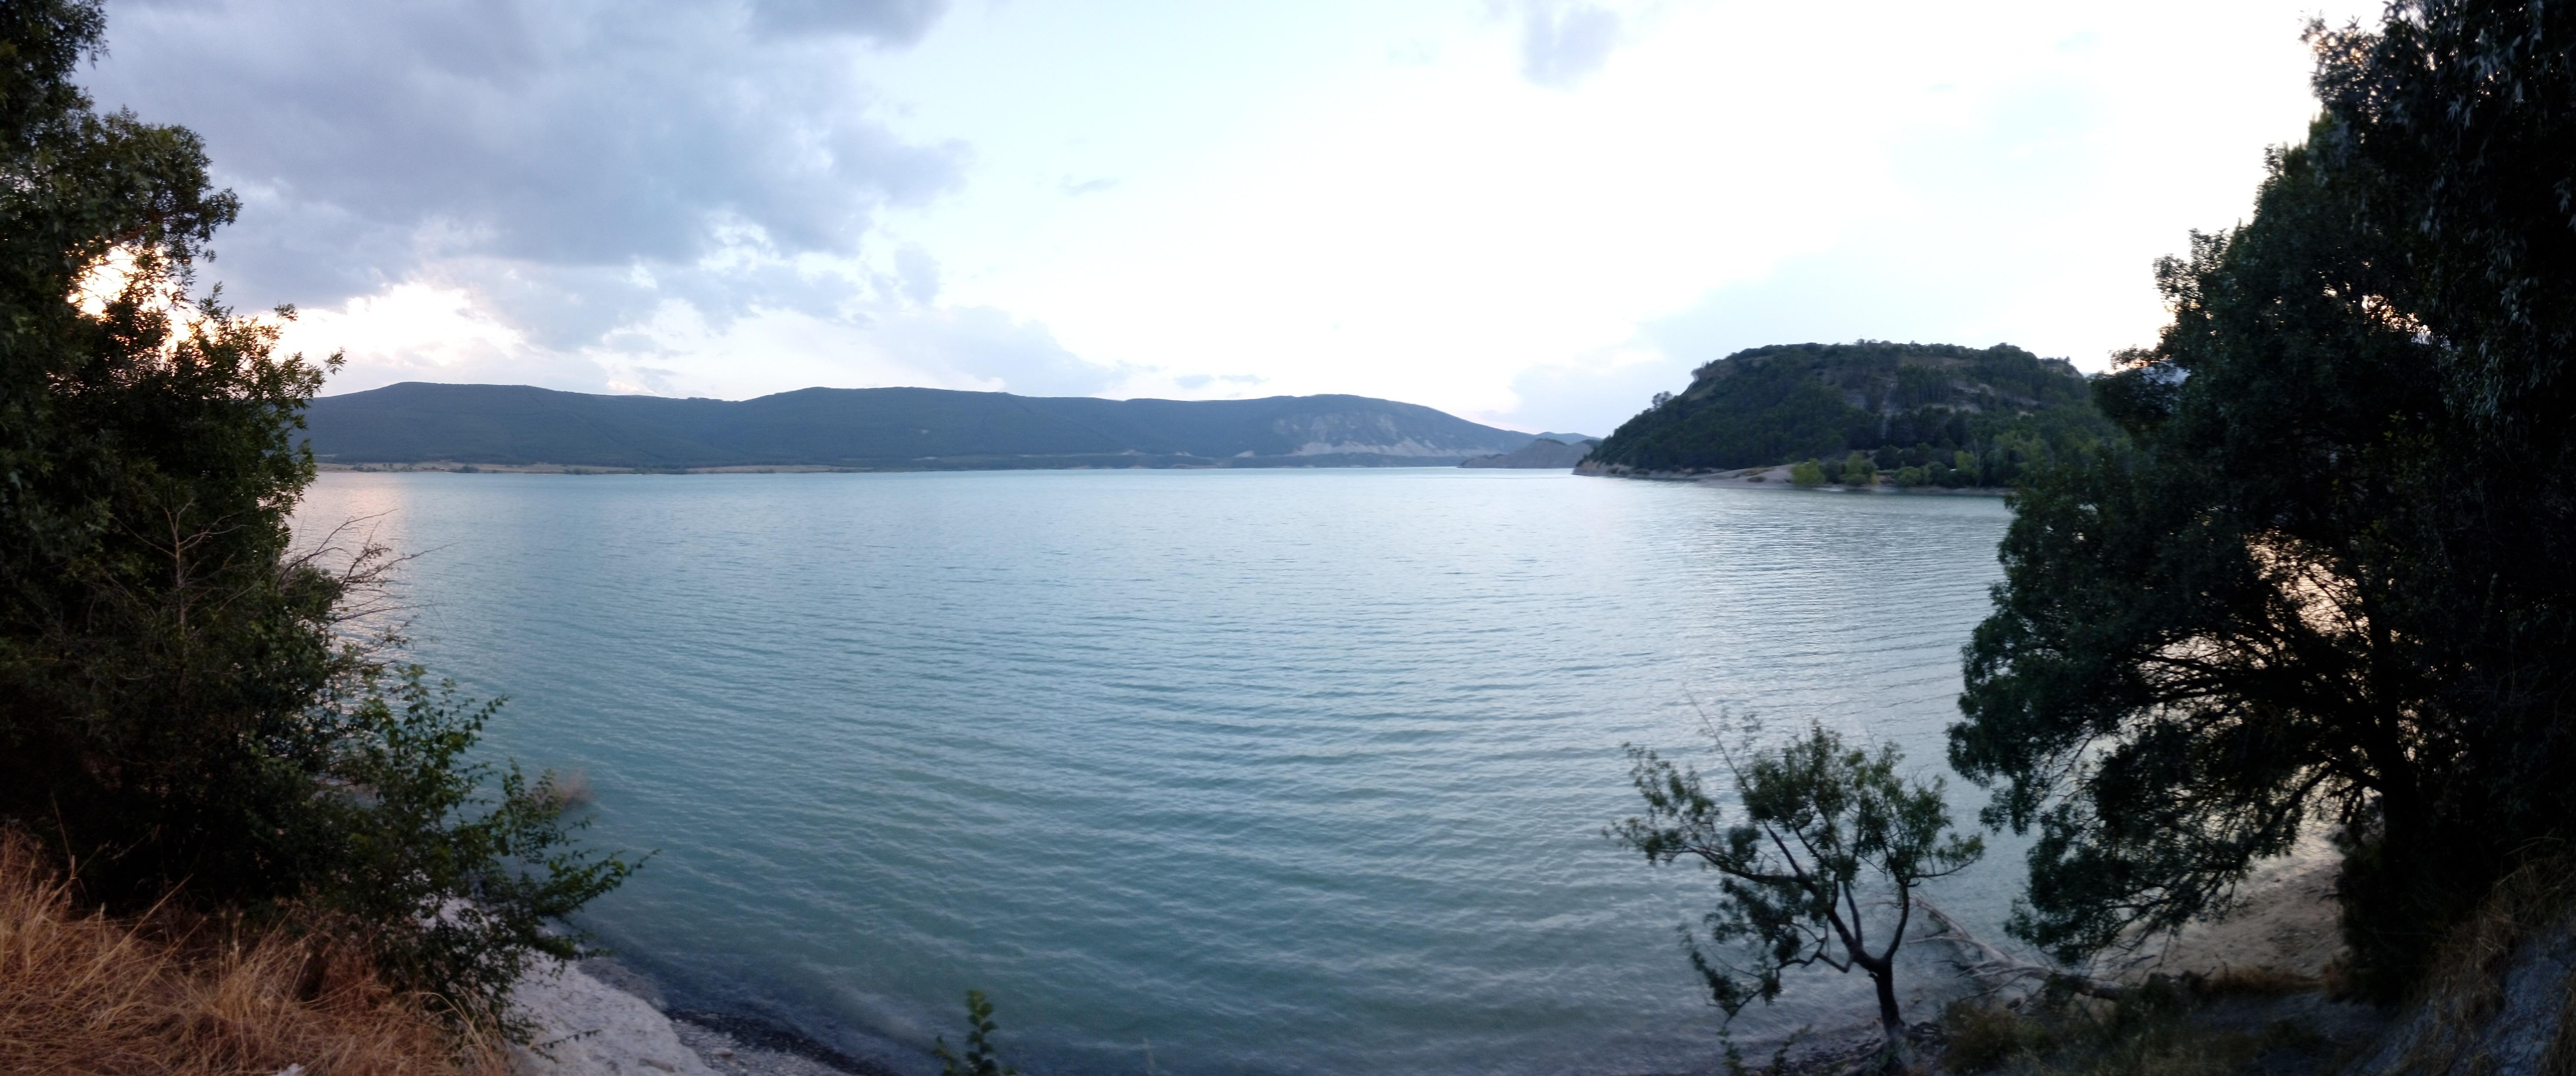 le-lac-embalse-de-yesa